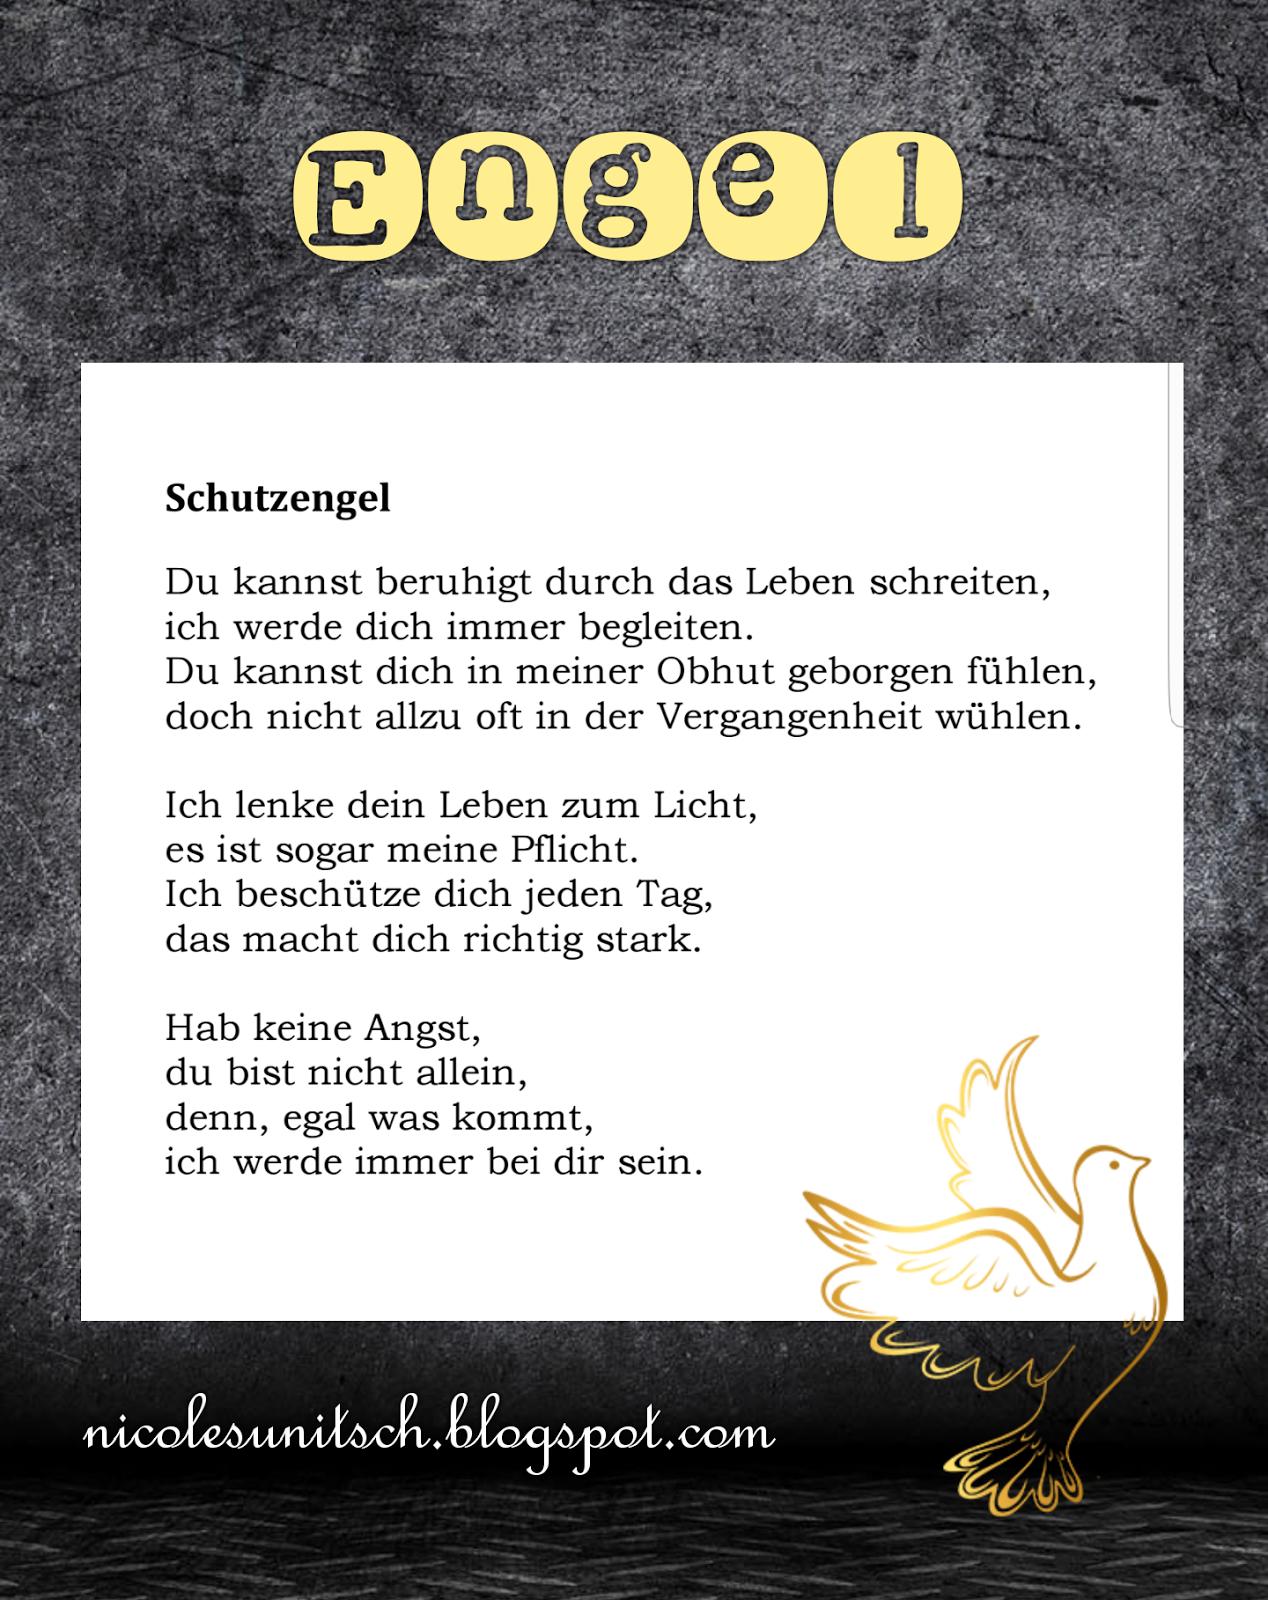 Fabelhaft Schutzengel Sprüche Das Beste Von - Gedicht Von Nicole Sunitsch Aus Dem